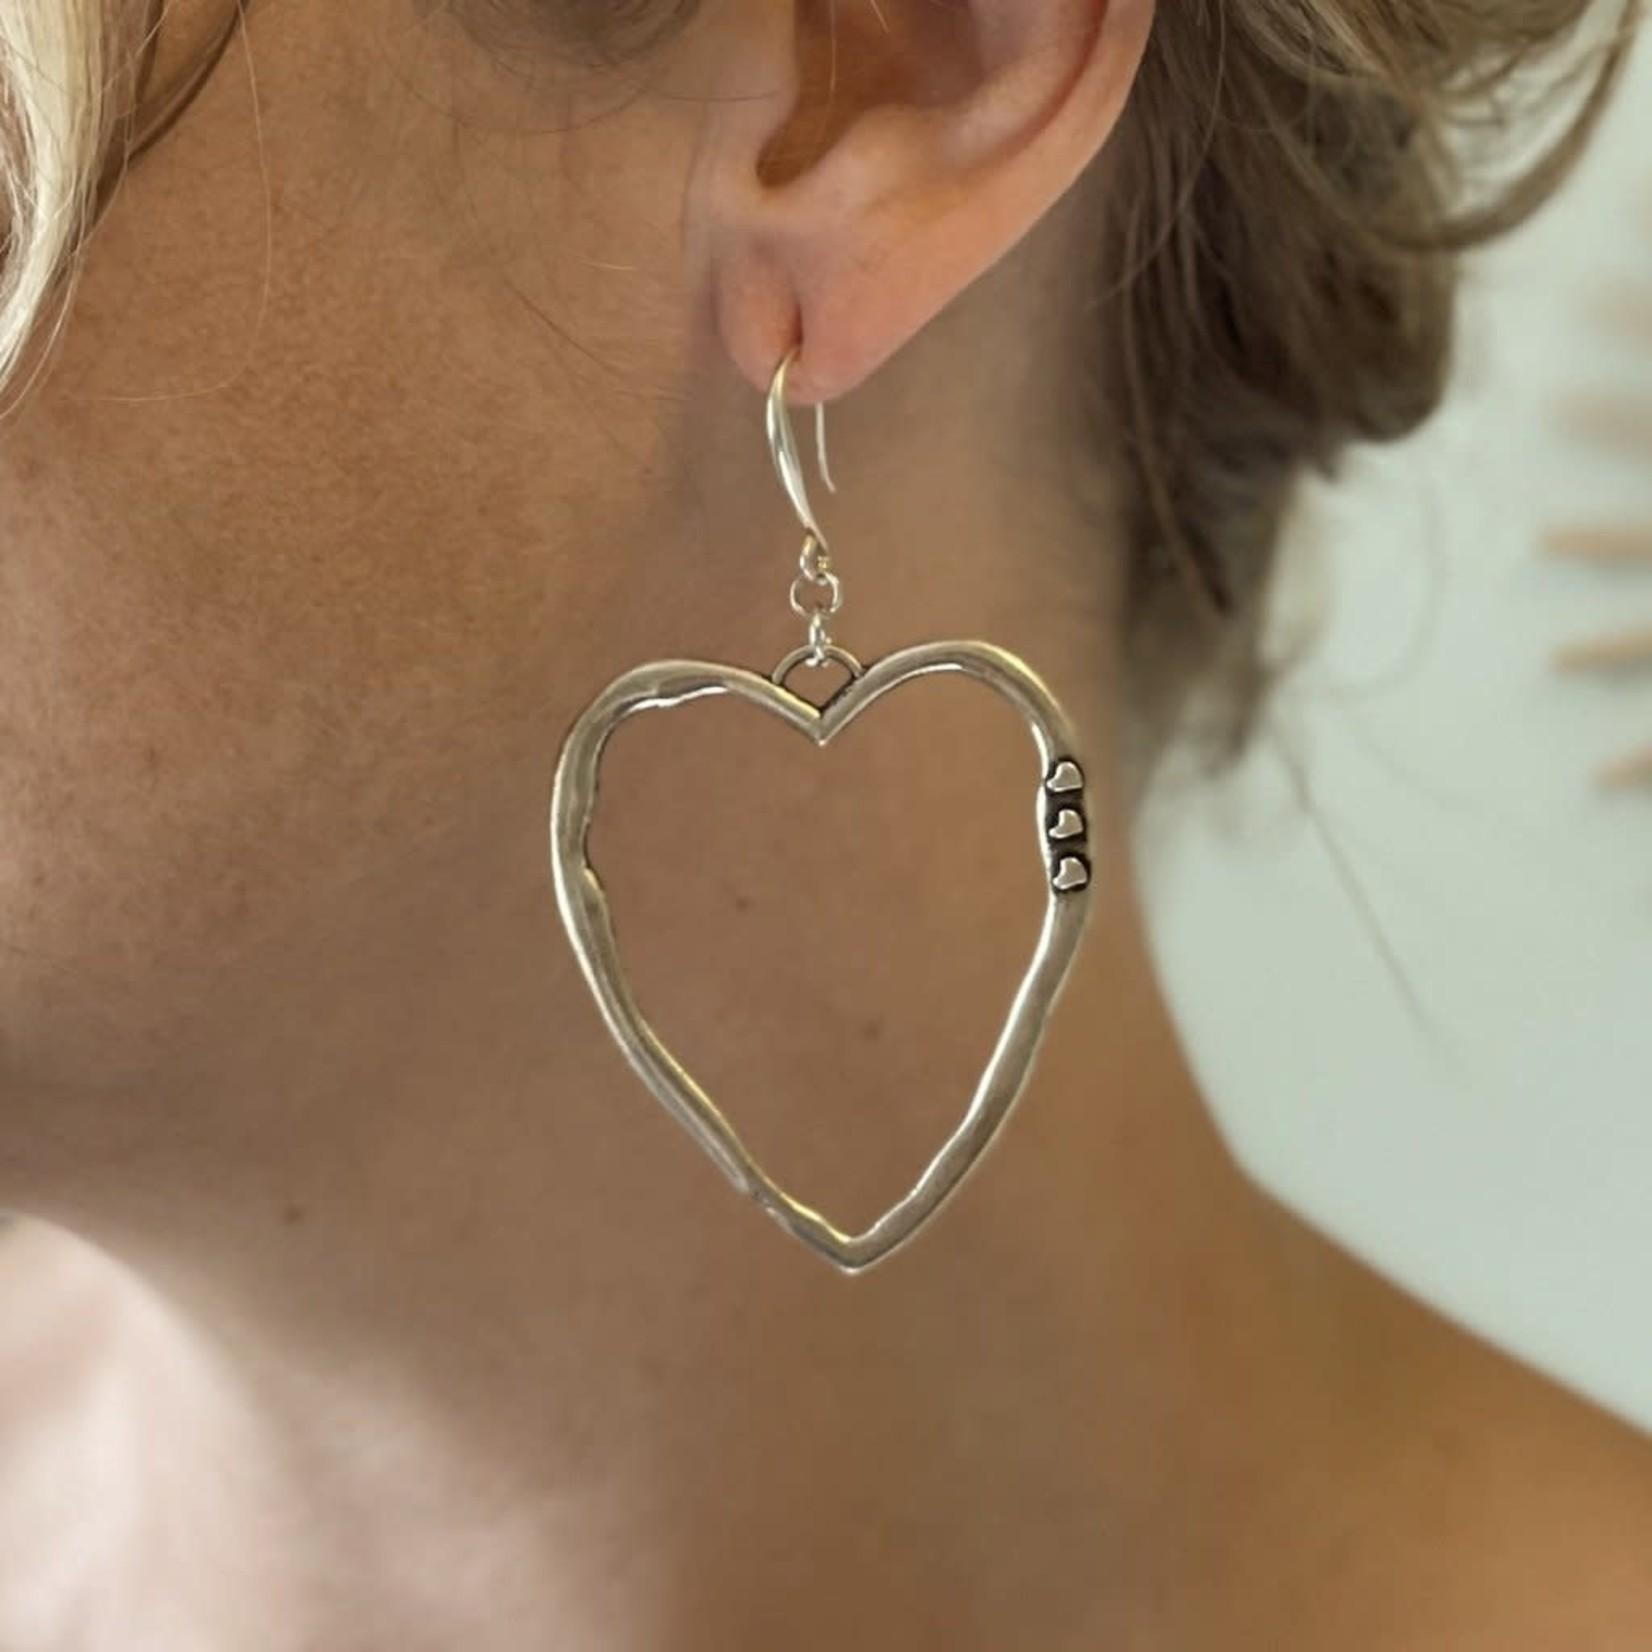 Suzie Blue Canada Open Heart Earrings in Silver Plate